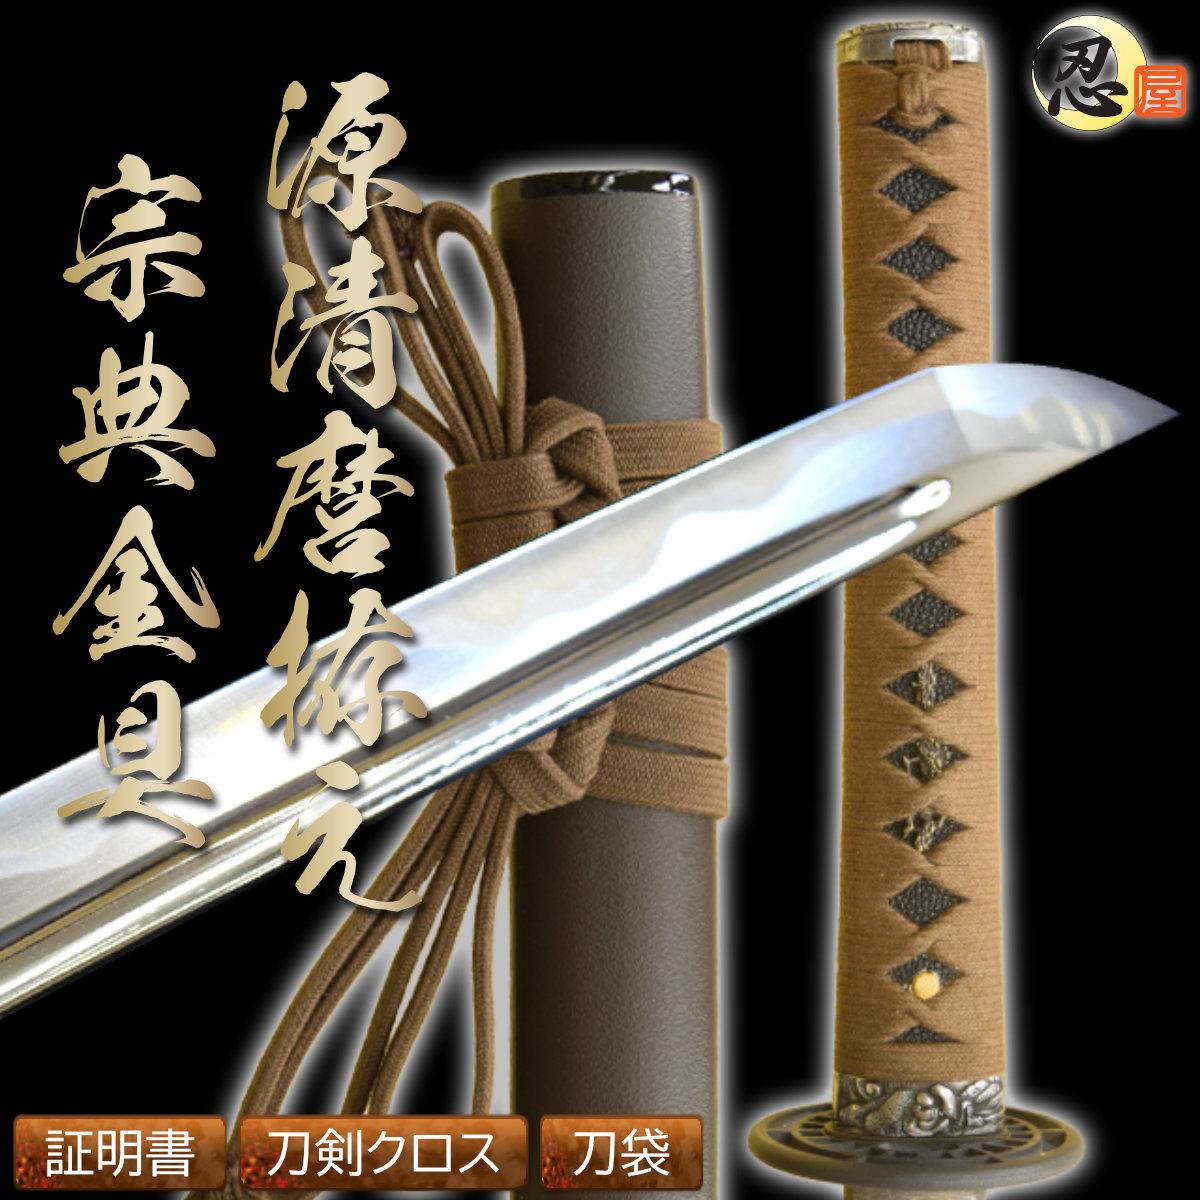 高級居合刀 刀匠 源清麿拵え 宗典金具(刀袋付き)